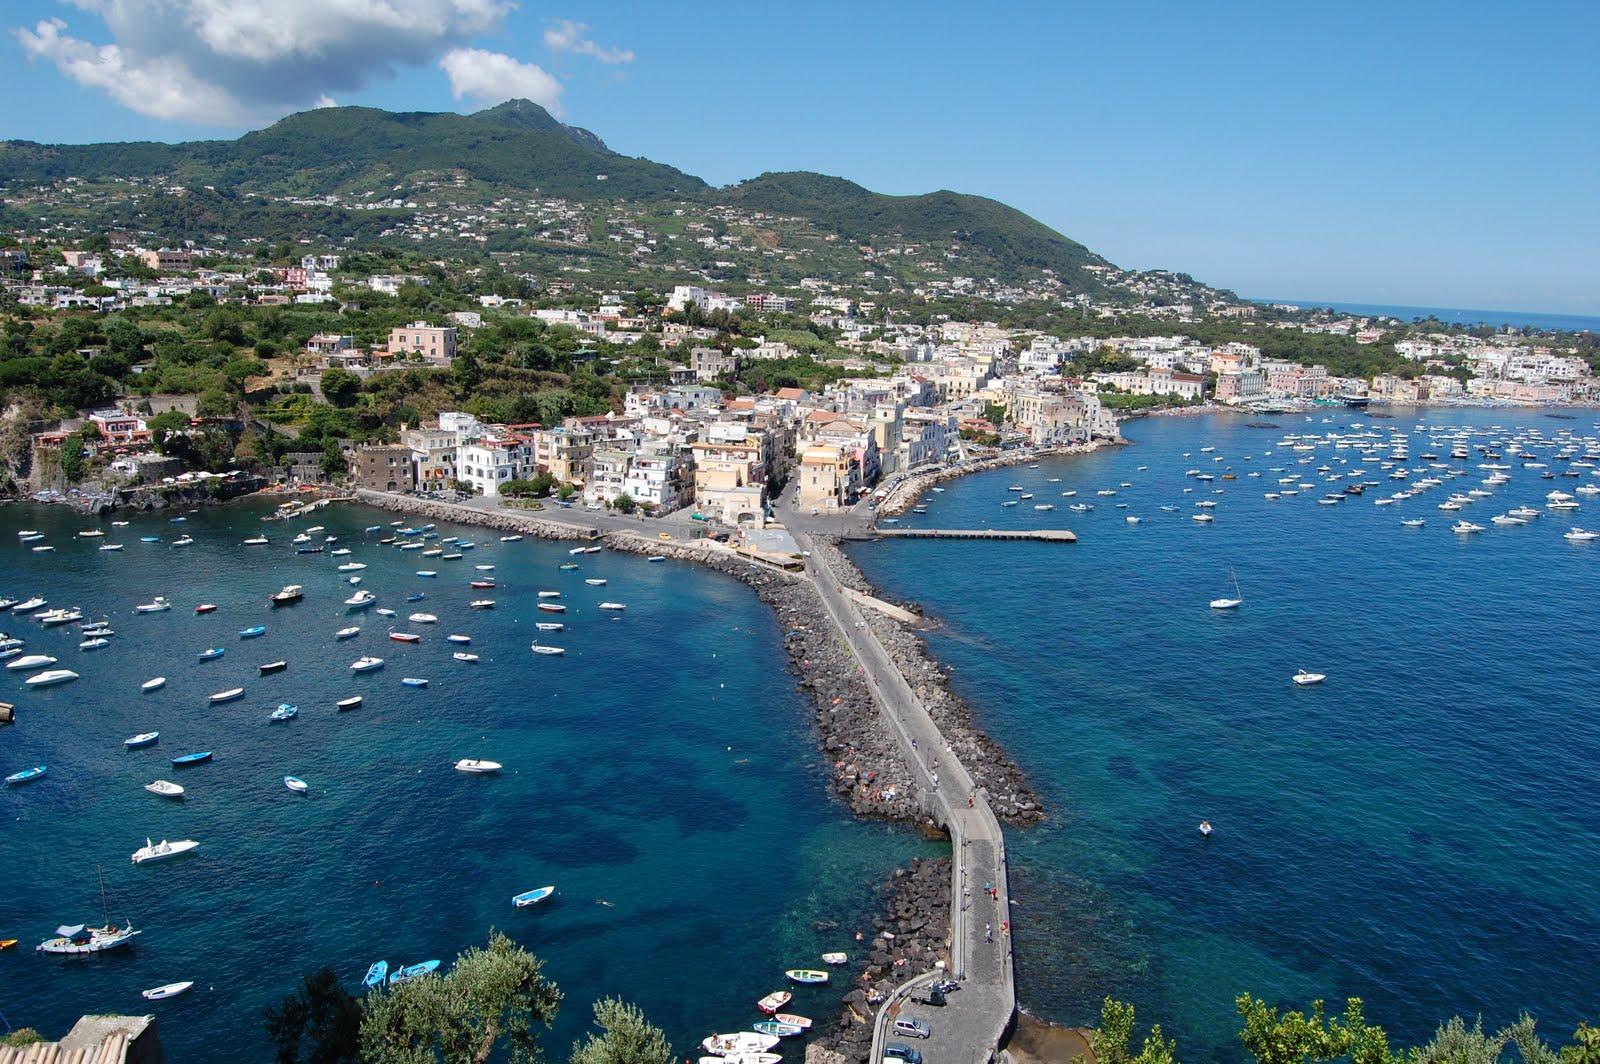 Itlay's romantic island -Ischia 04